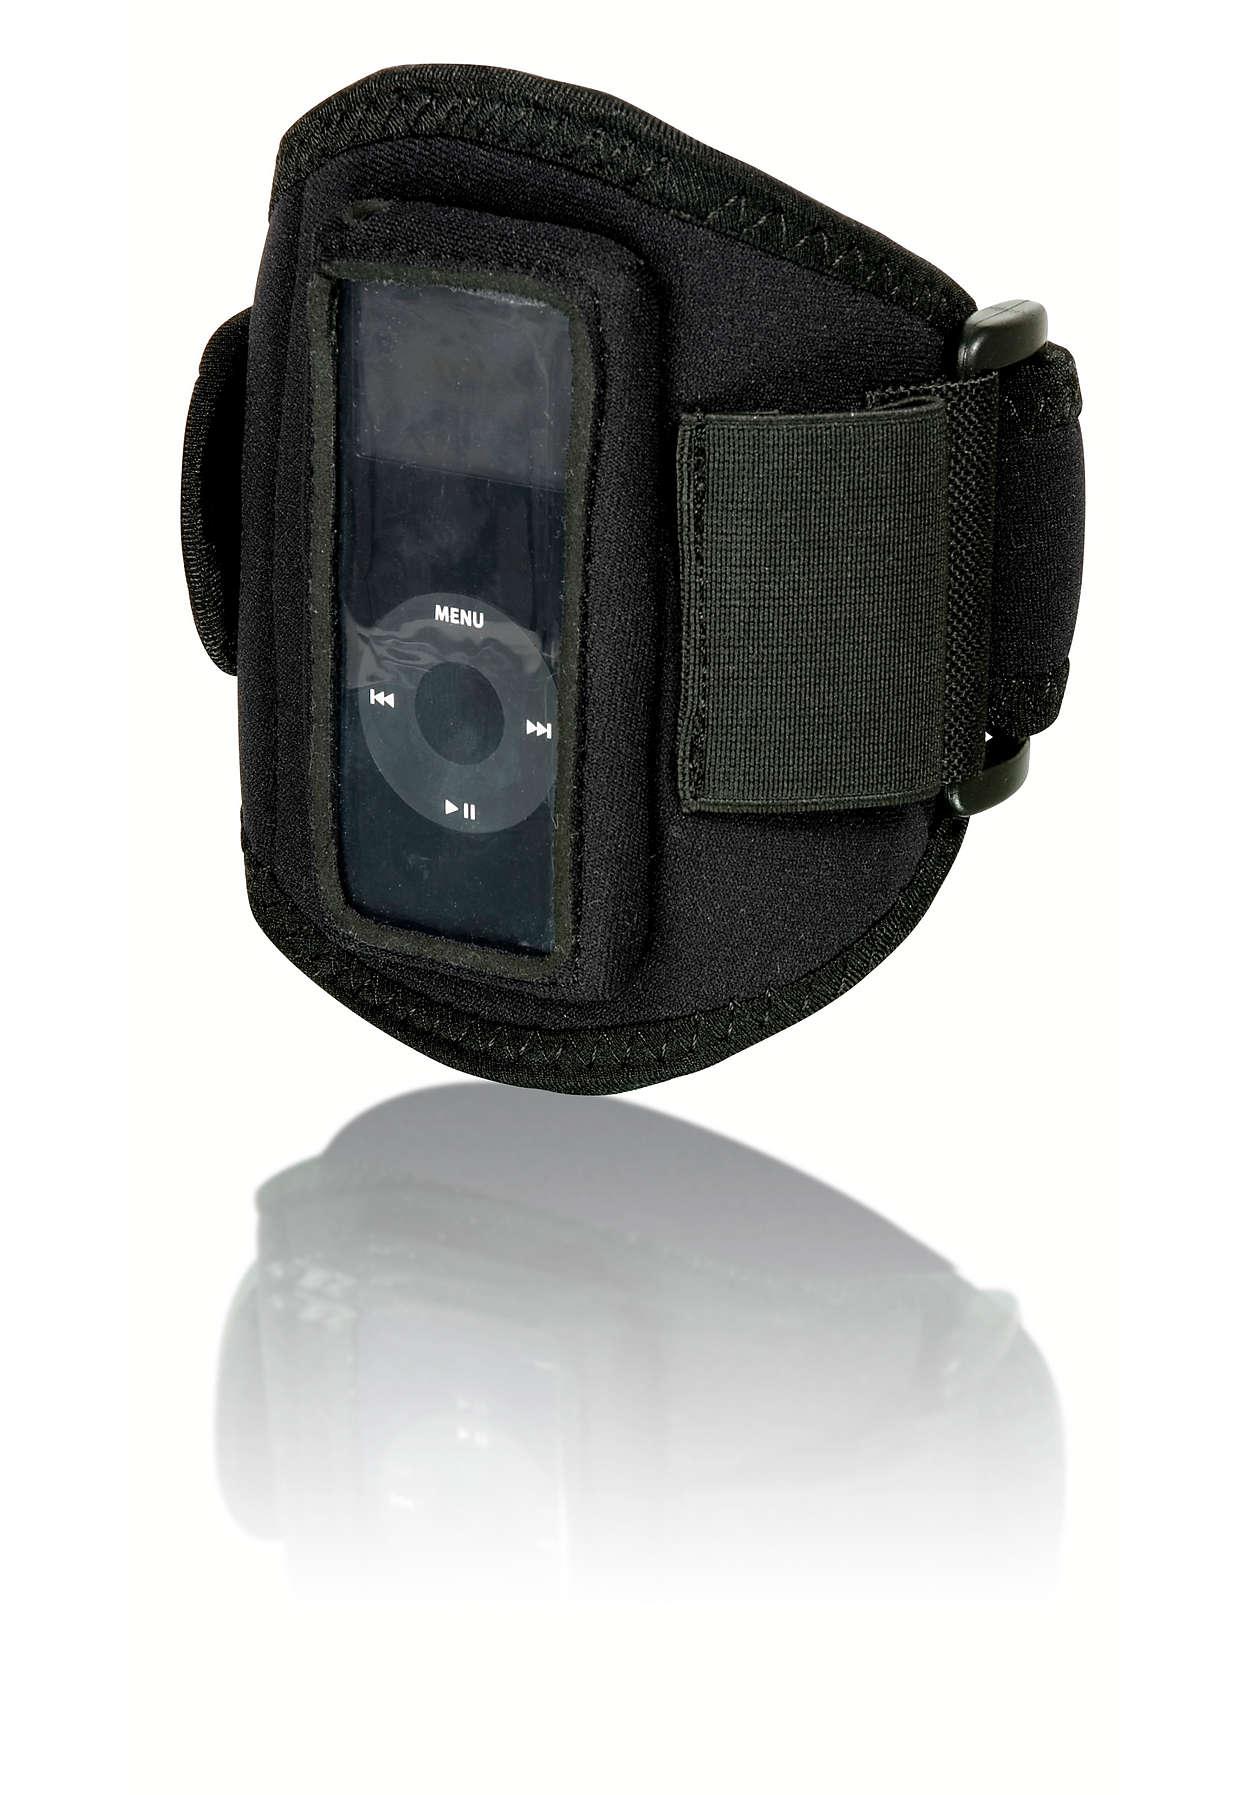 Entraînez-vous en compagnie de votre iPod nano